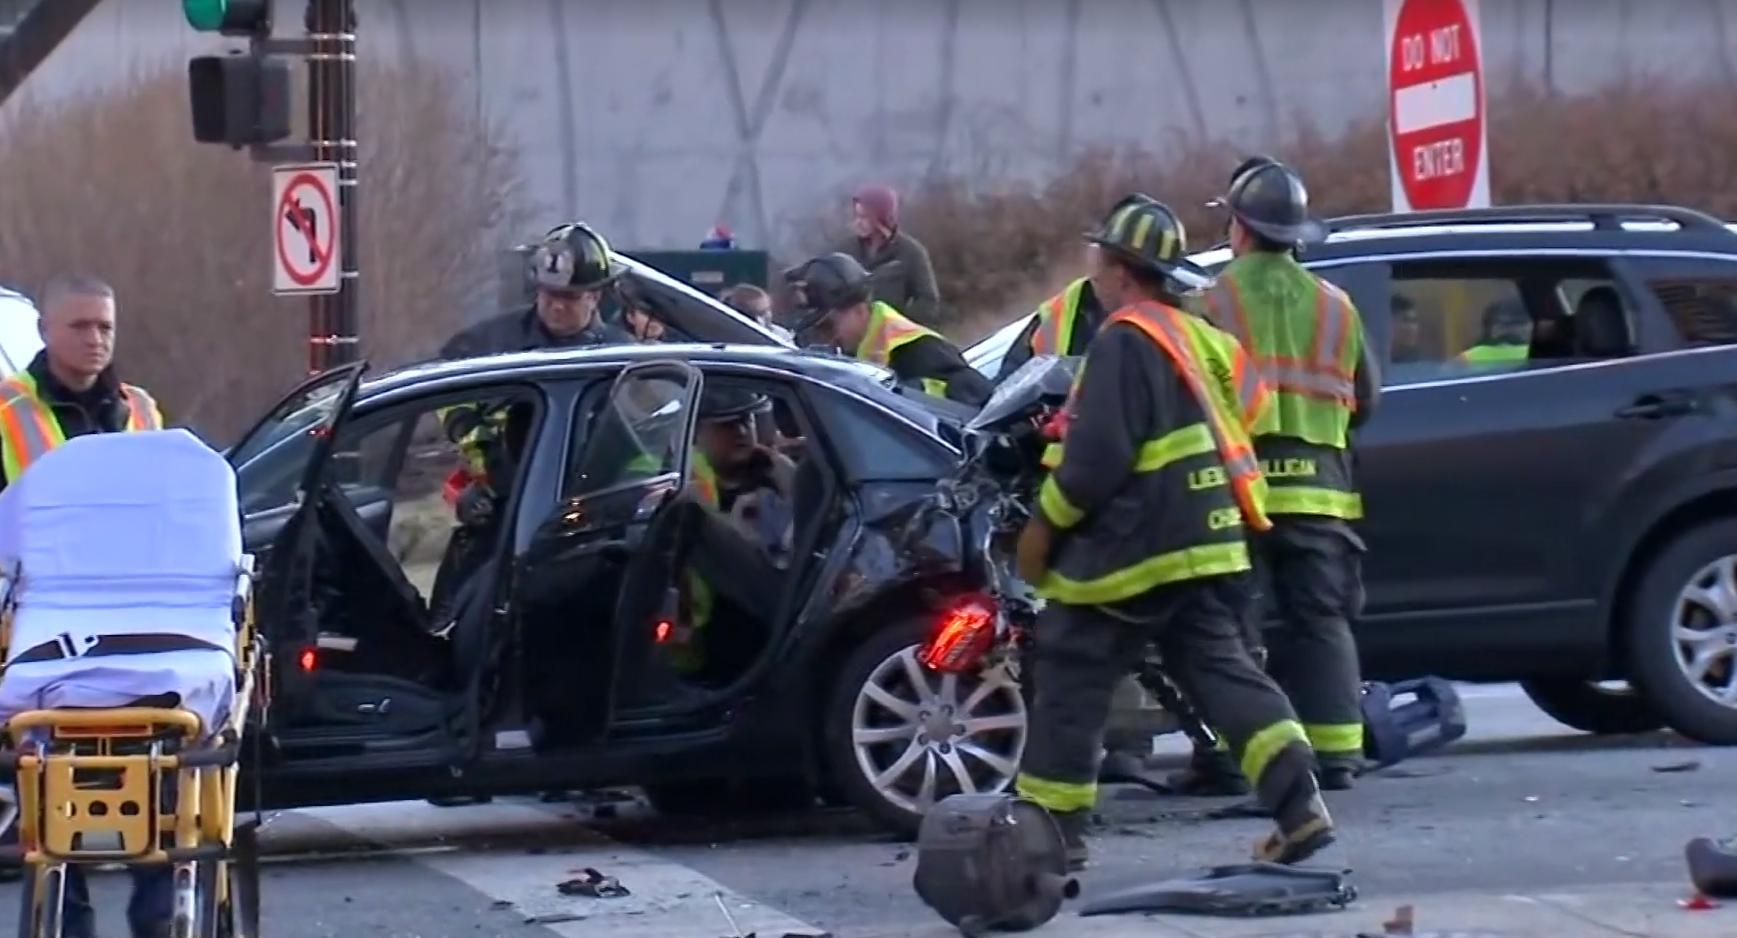 Medical emergency causes fatal 9-car crash - Sacramento news